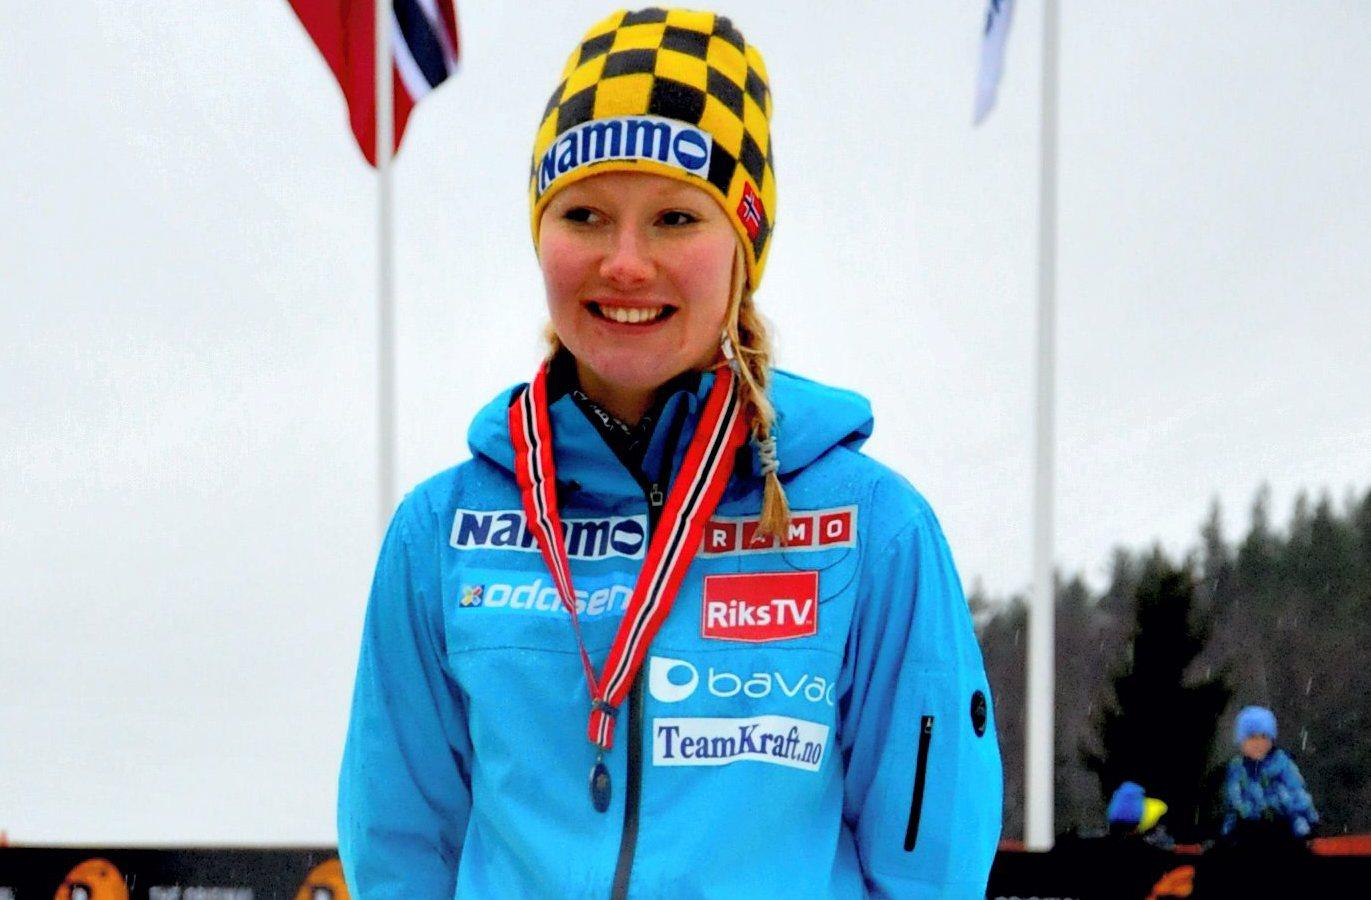 Sølvmedalje: